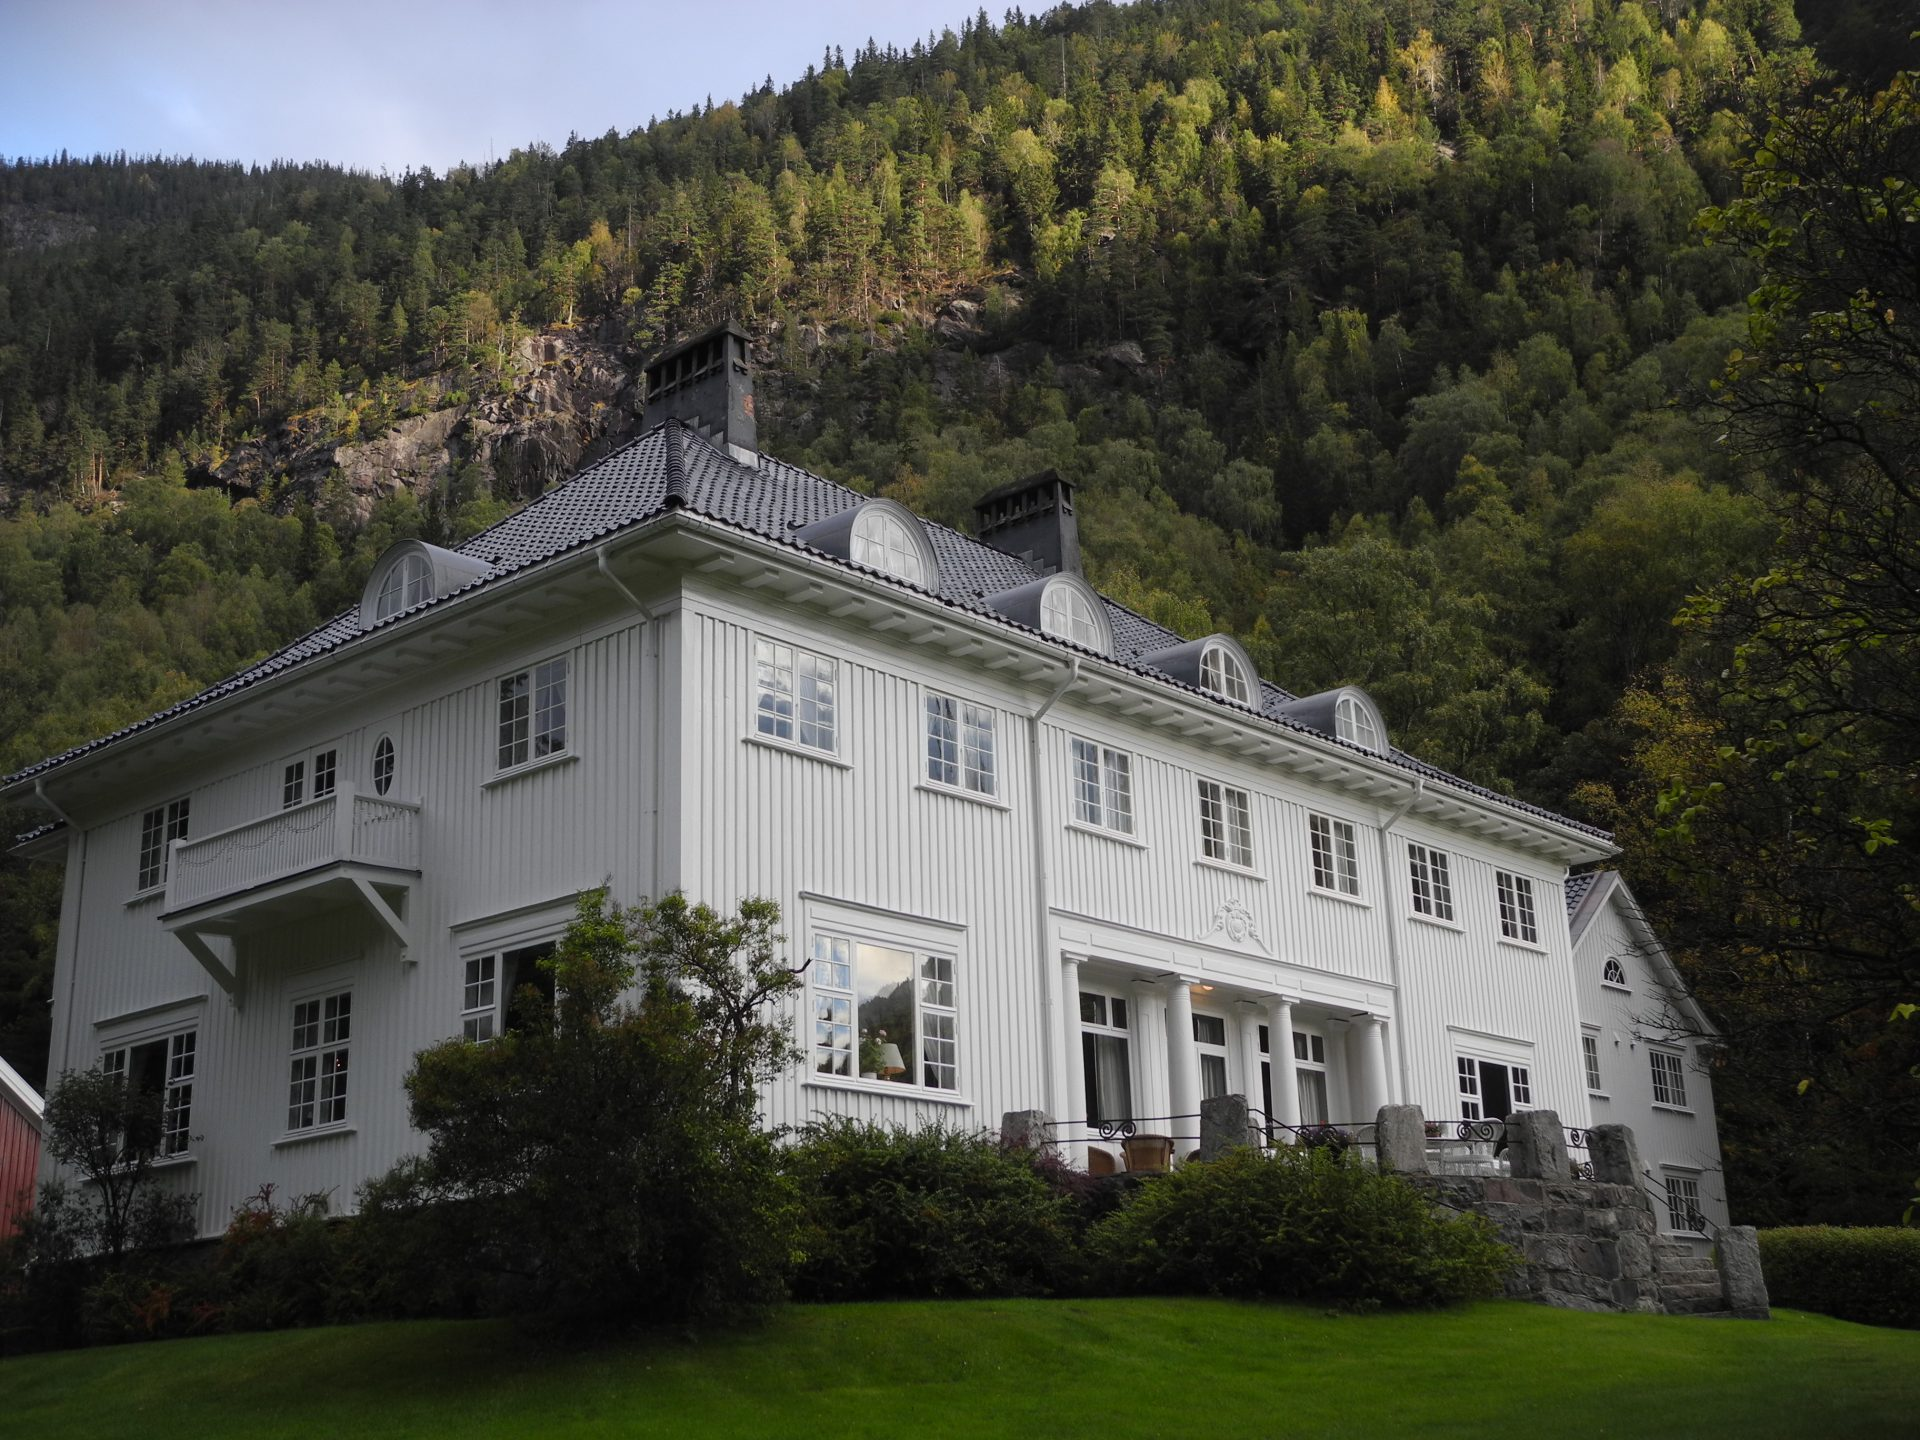 """Admini in Rjukan. The main """"Admini"""" building in Rjukan. Photo: Eva Eide, the Directorate for Cultural Heritage"""